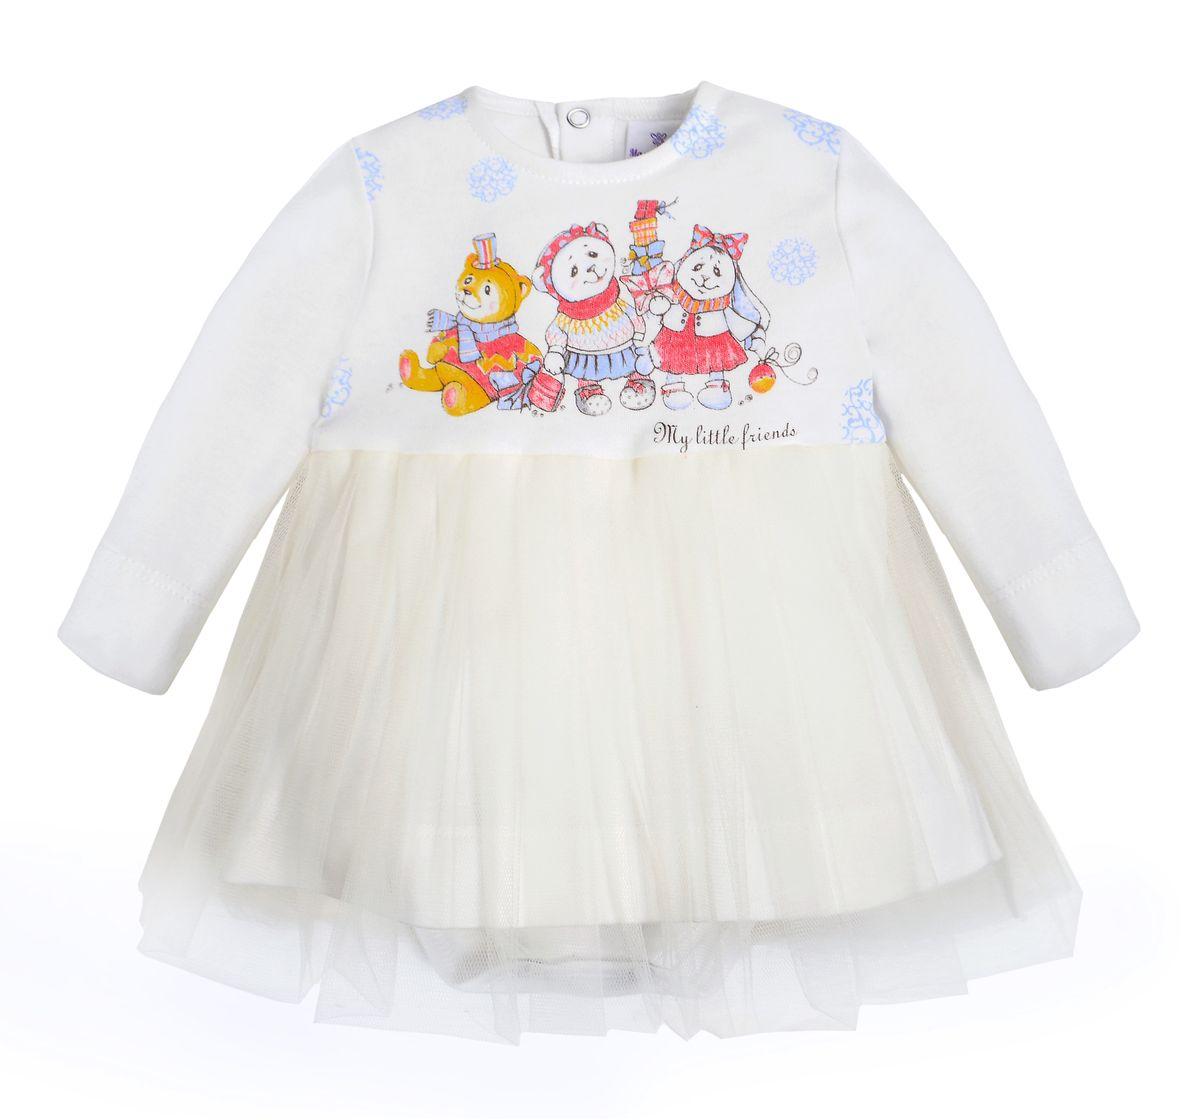 Фото - Боди Мамуляндия боди для девочки мамуляндия зимние узоры цвет молочный 18 1206 размер 62